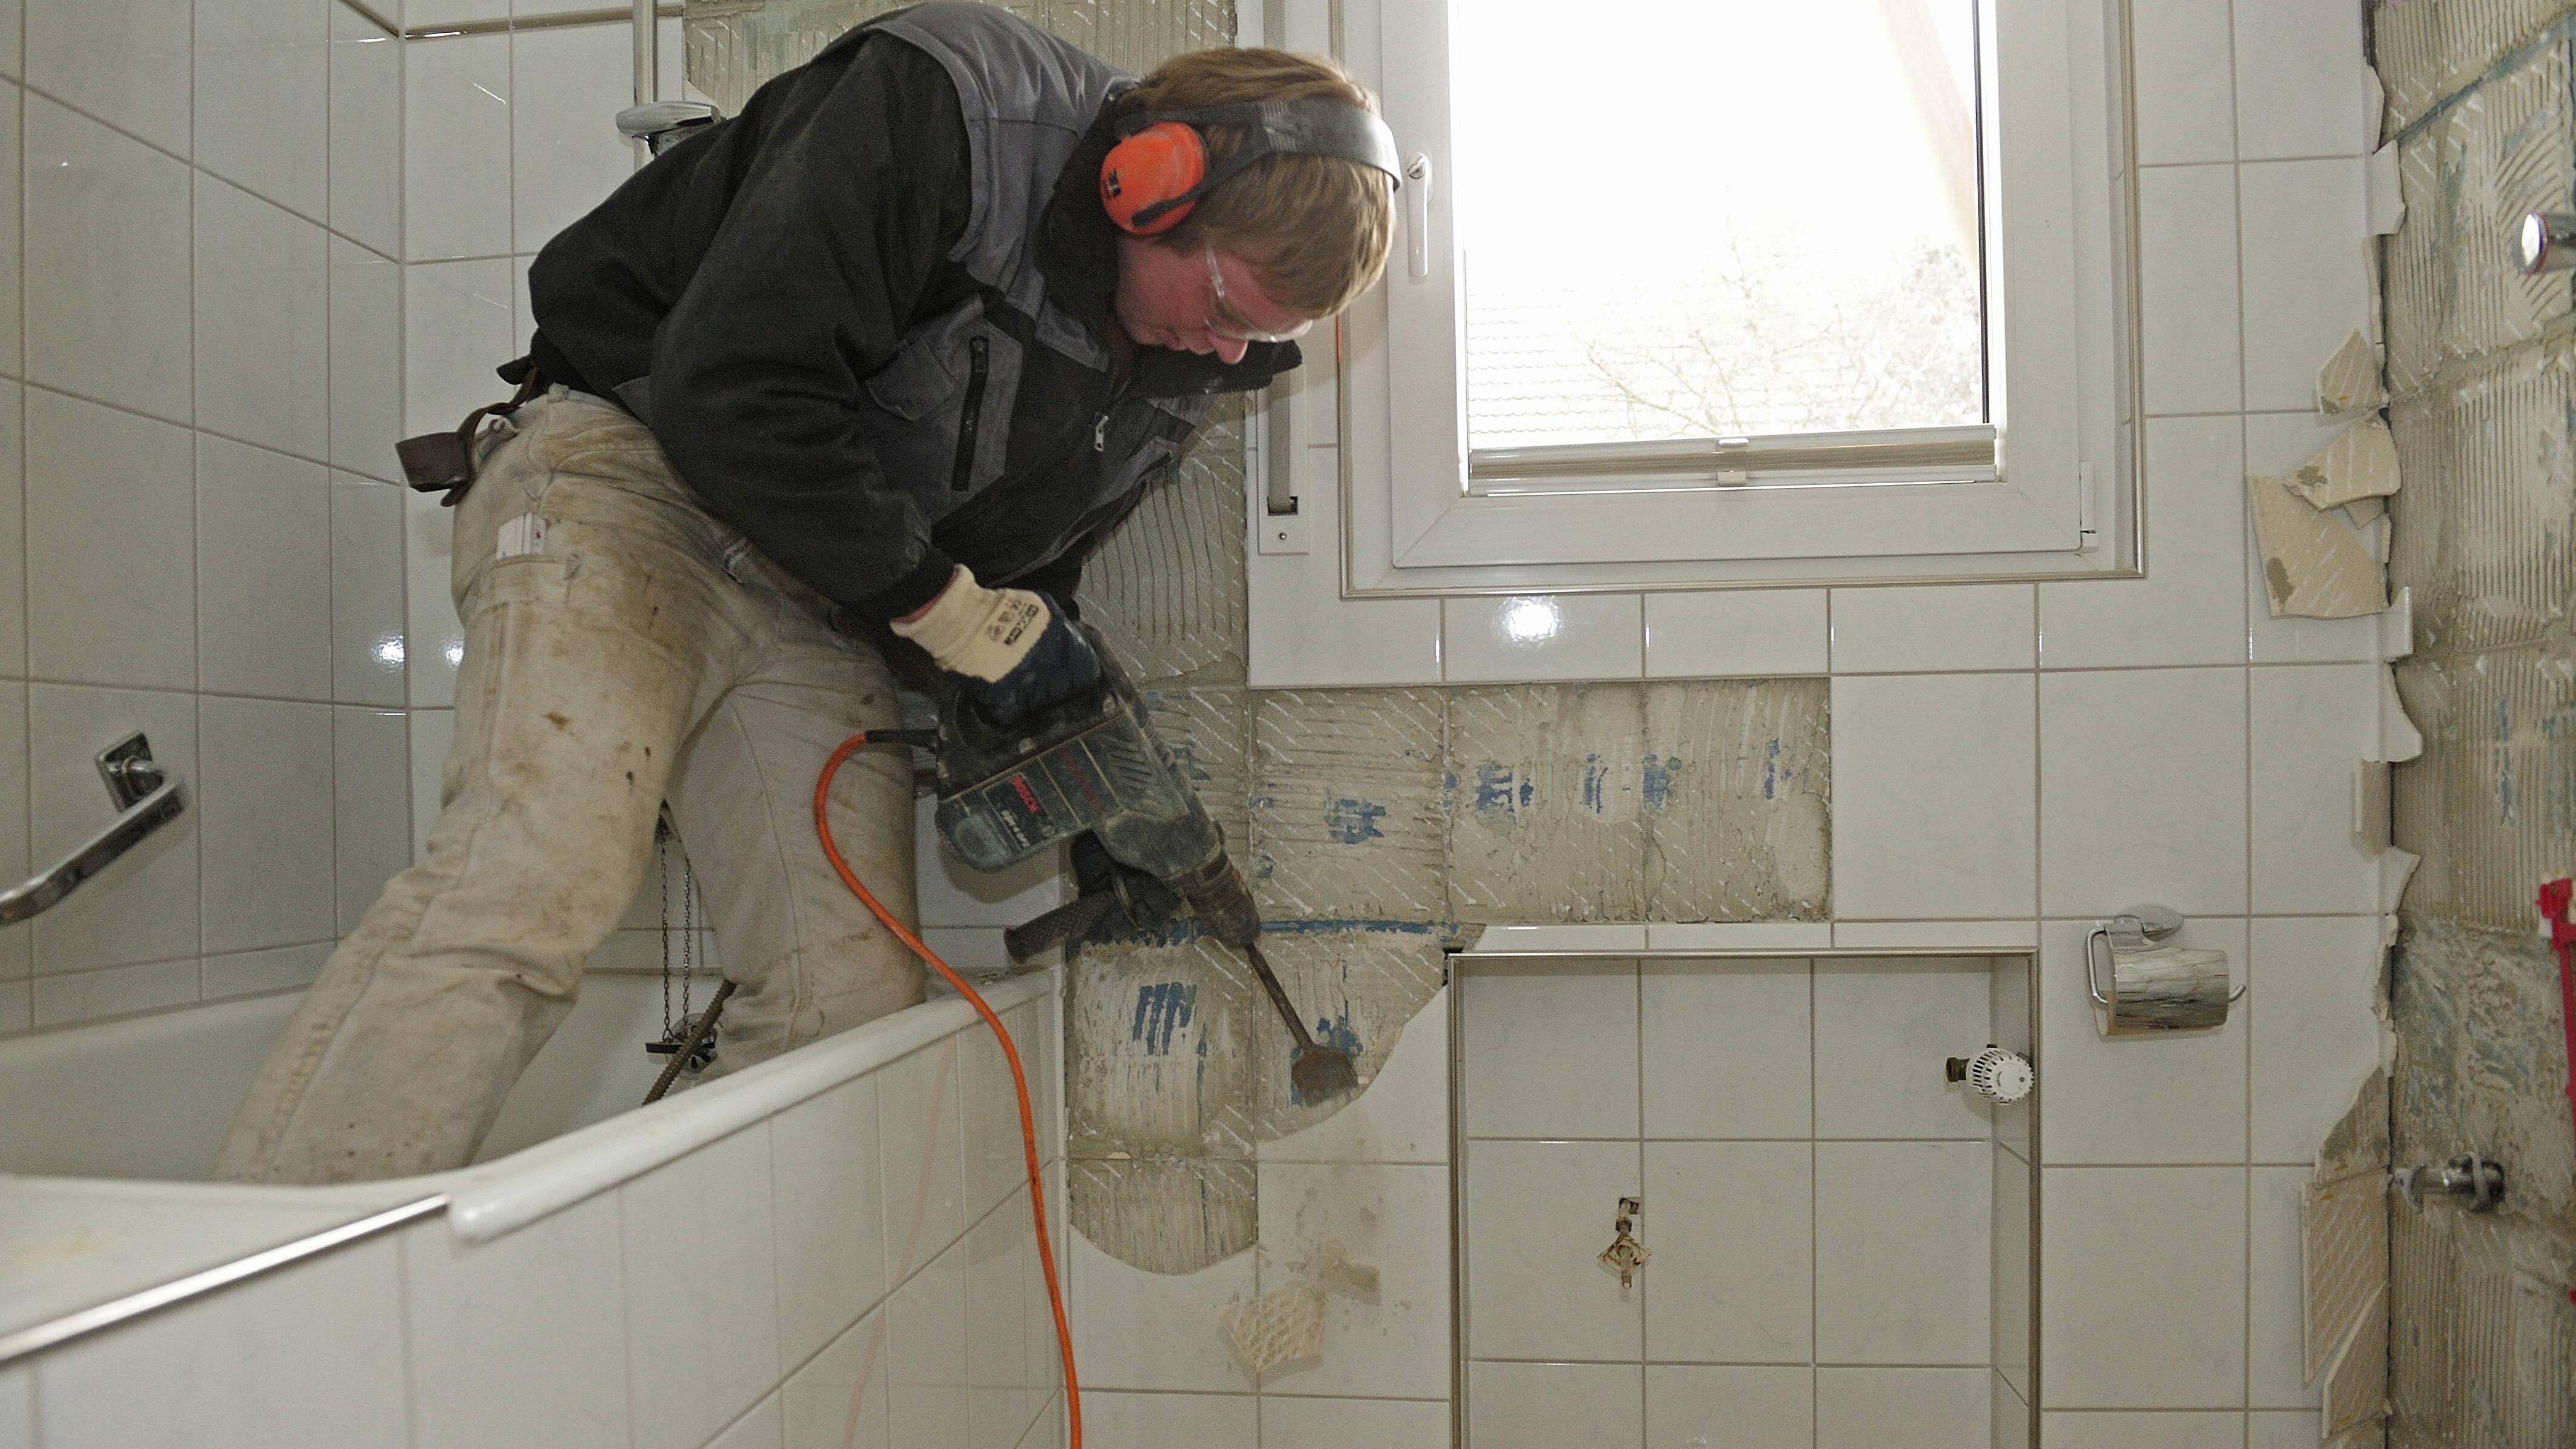 Der seniorengerechte Umbau eines Bades kann von der Pflegekasse mit bis zu 4000 Euro bezuschusst werden. Oftmals wird die Badewanne entfernt und eine ebenerdige Dusche eingebaut.